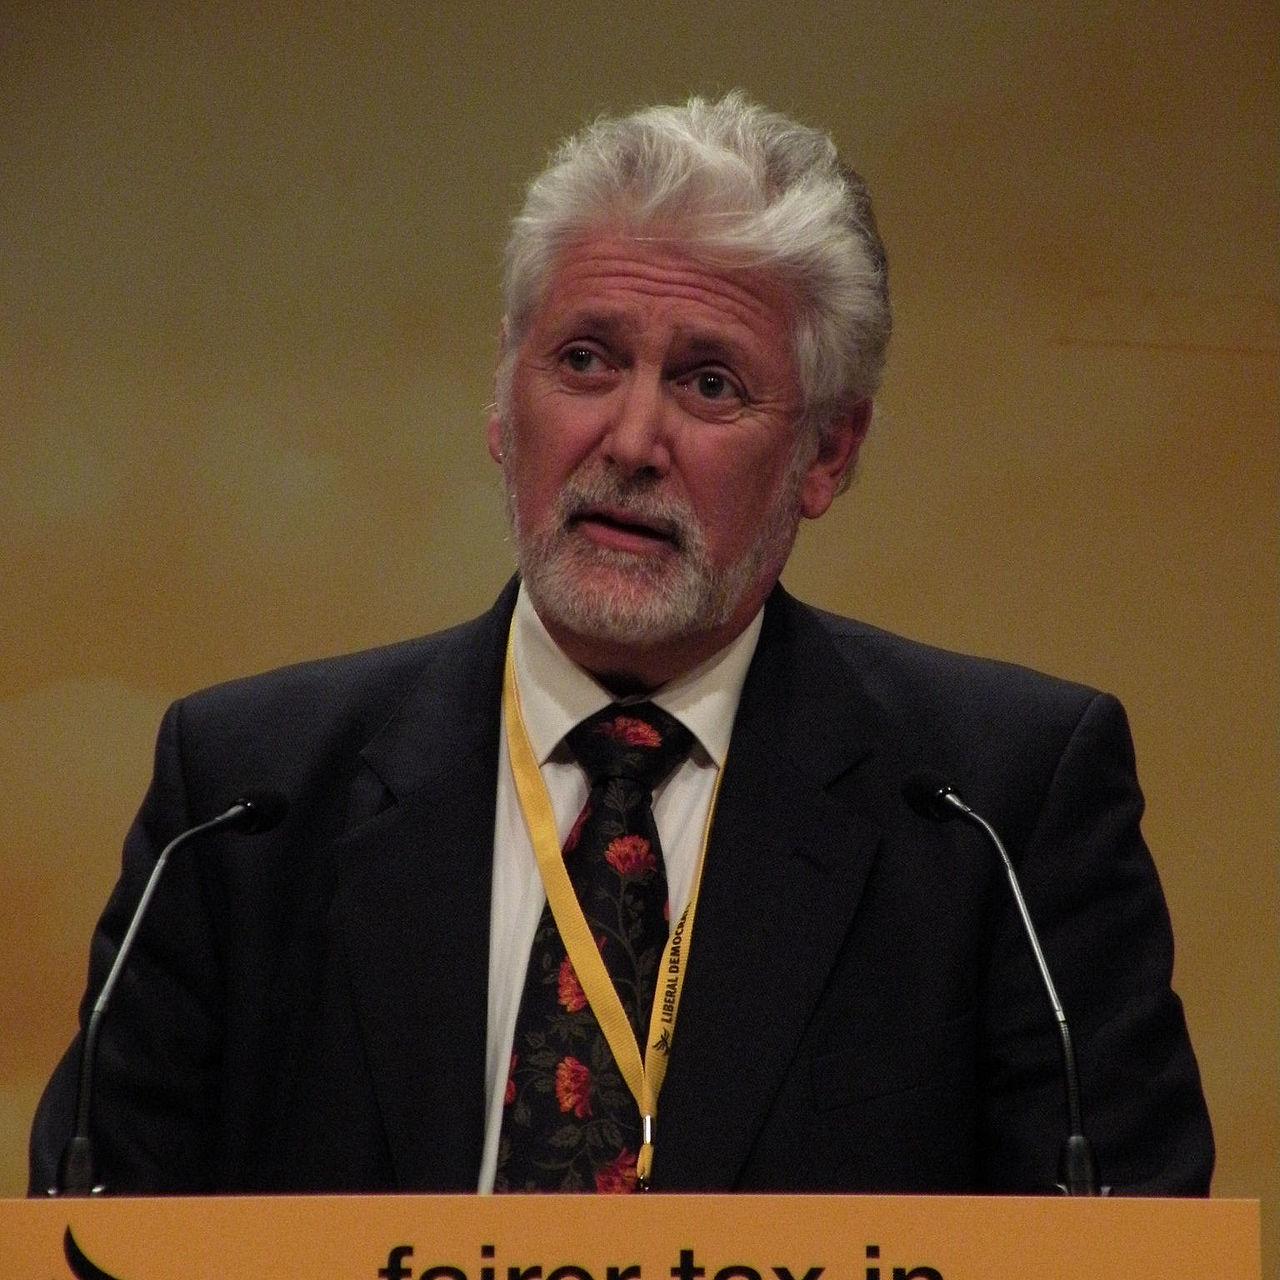 Lord Paul Strasburger, Liberal Democrats